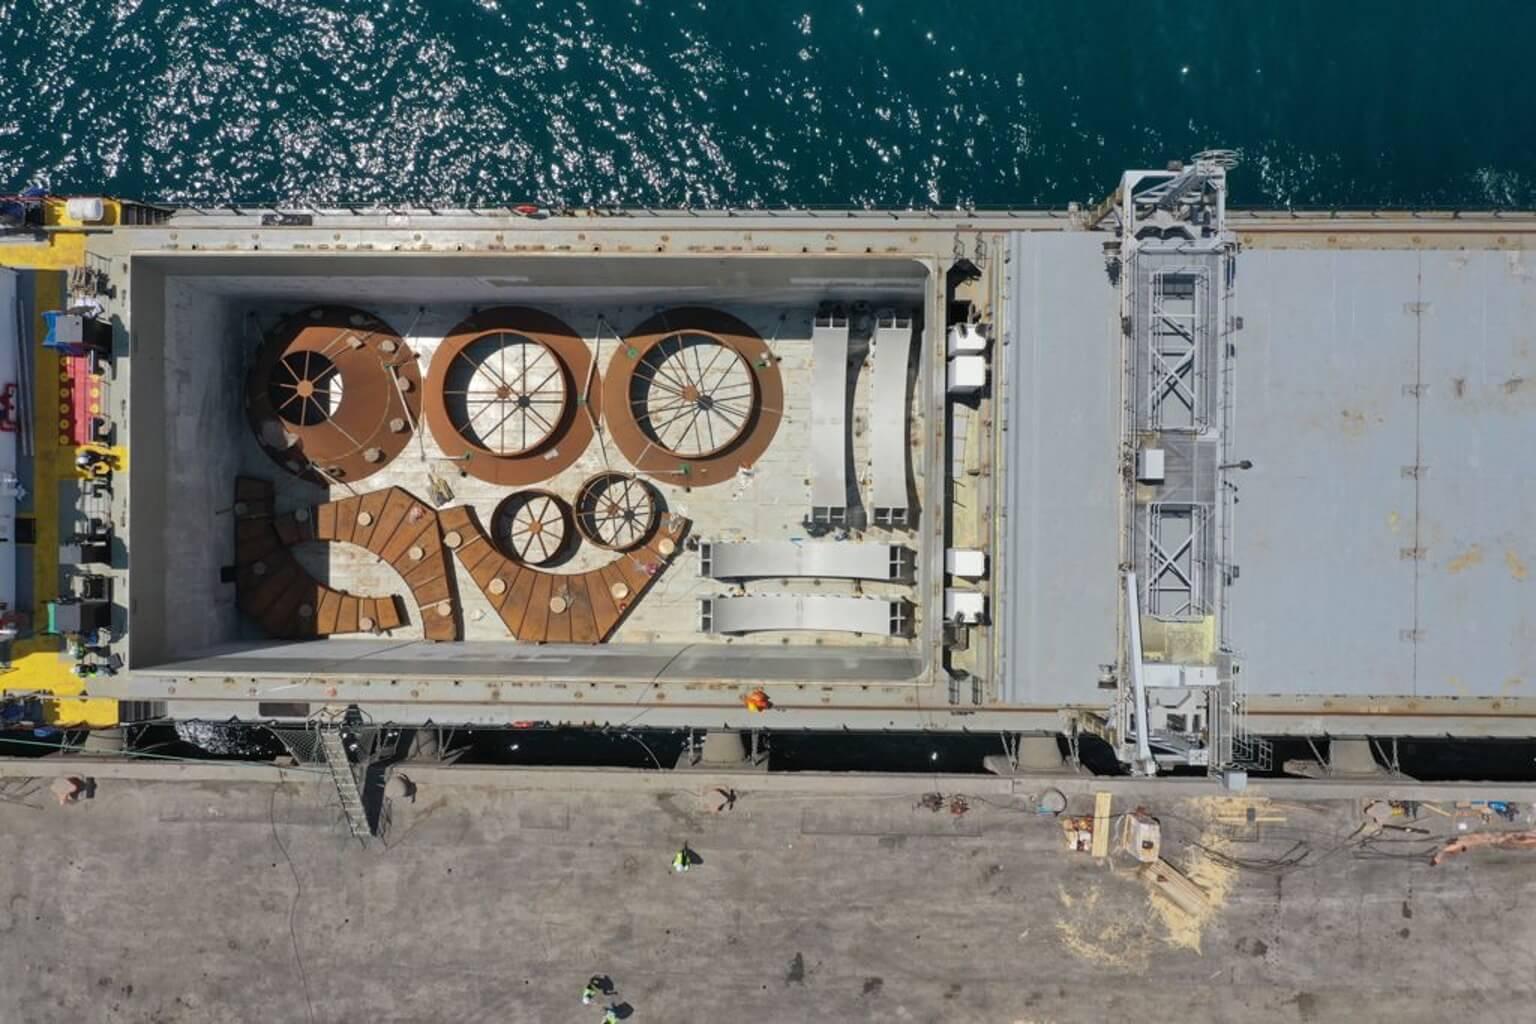 т/х Камилла завершила доставку генерального груза из порта Измир, Турция в Красноярск, Россия